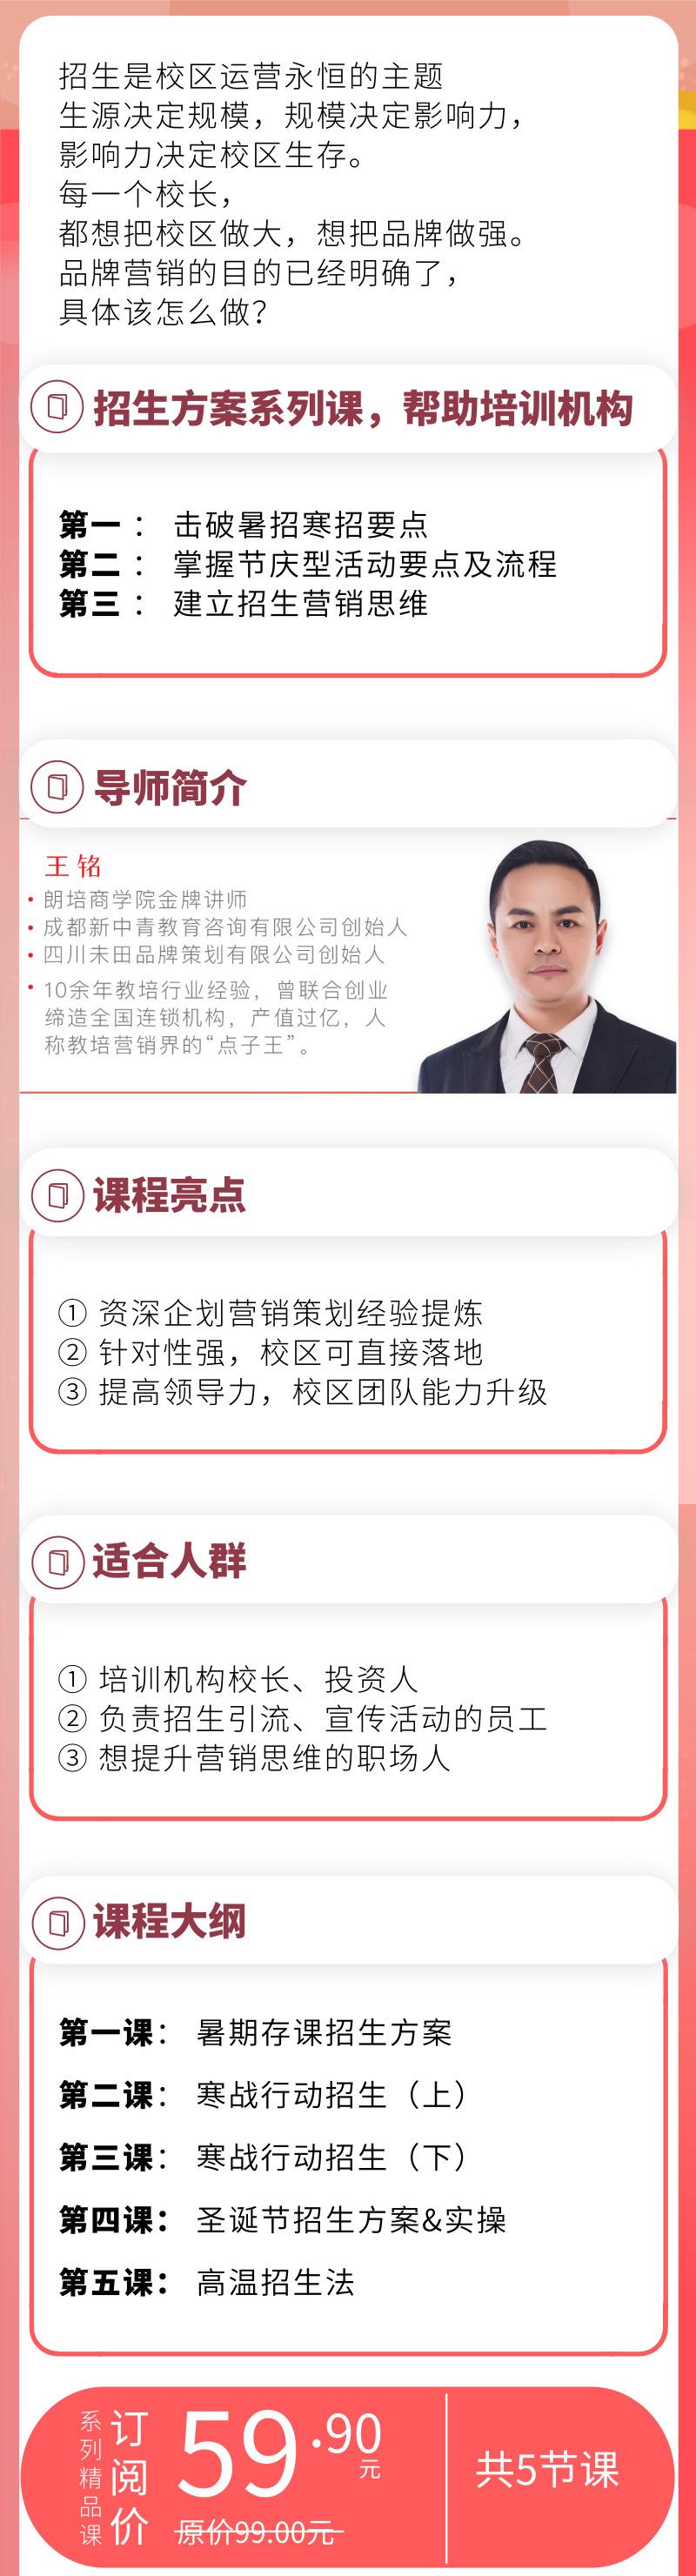 王铭详情页.jpg